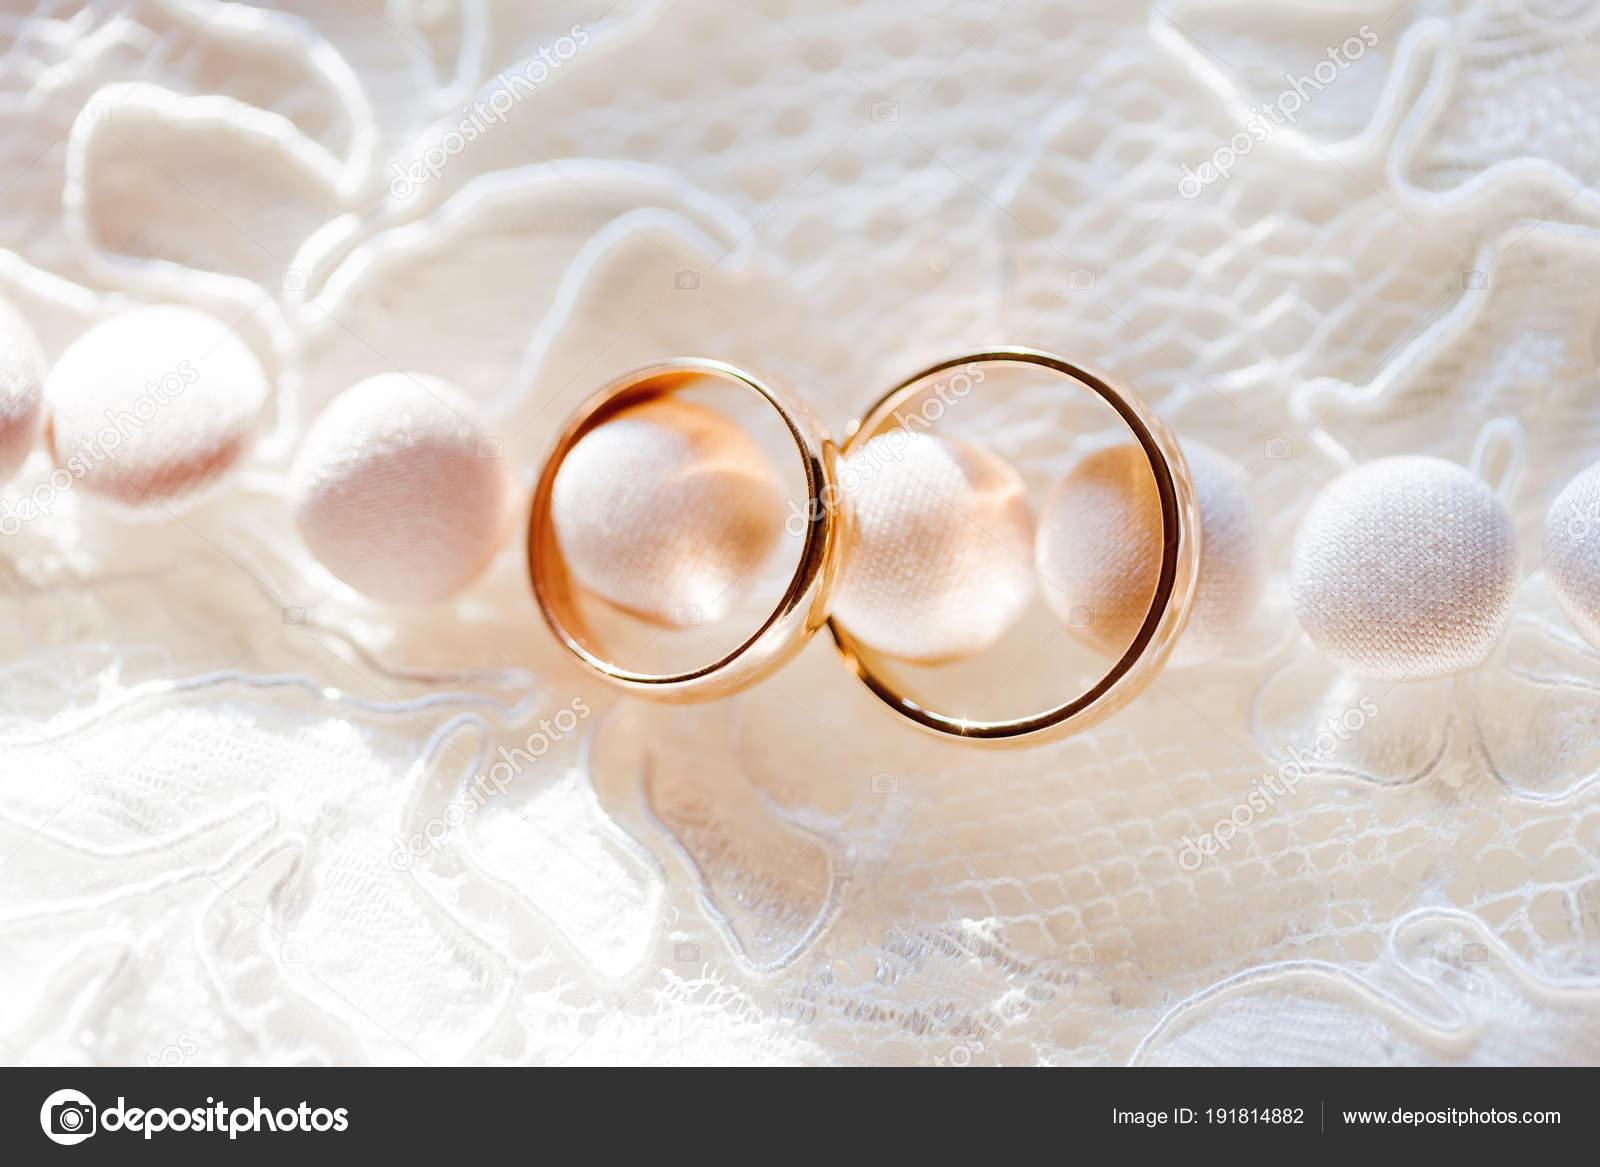 Goldene Hochzeit Ringe Auf Spitze Seidenstoff Mit Knöpfen